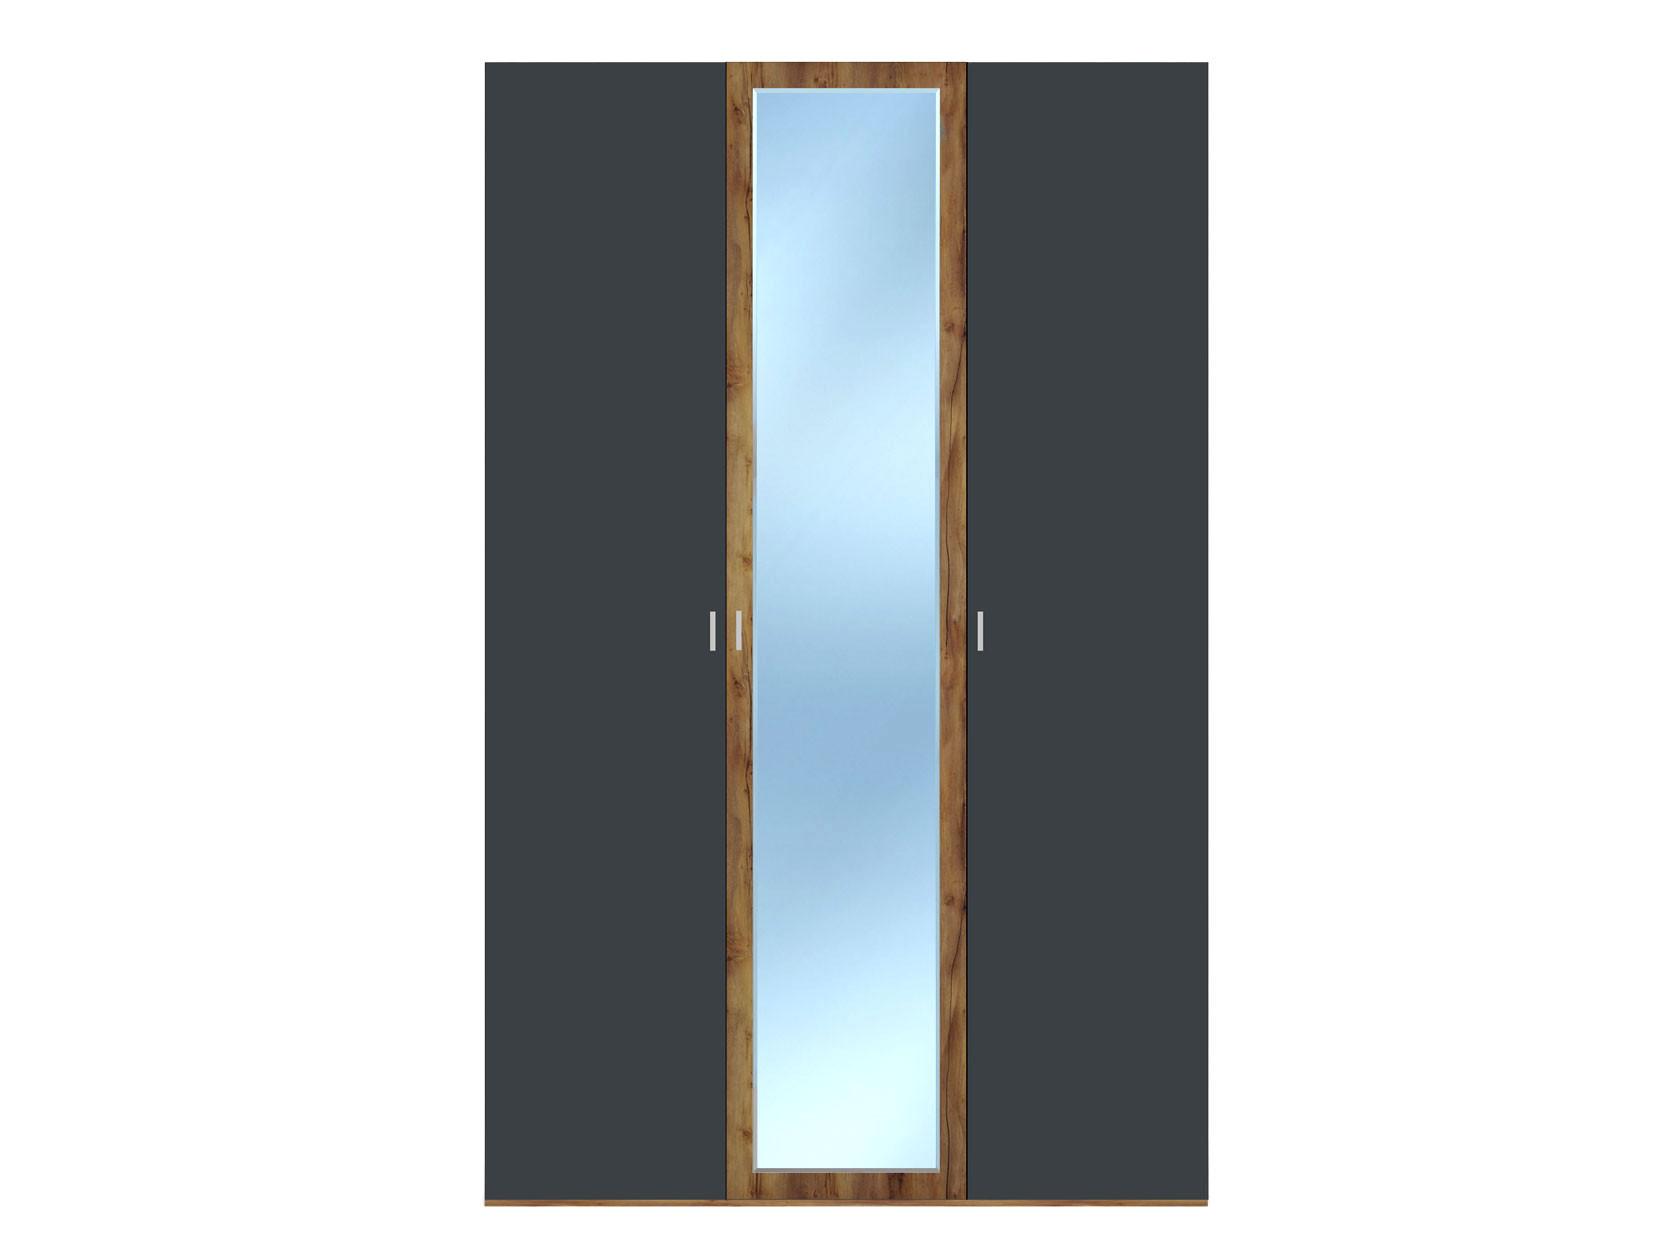 Распашной шкаф  3-х дверный Вега Бавария Таксония медовая / Антрацит, С одним зеркалом, Без топа-накладки КУРАЖ 104972